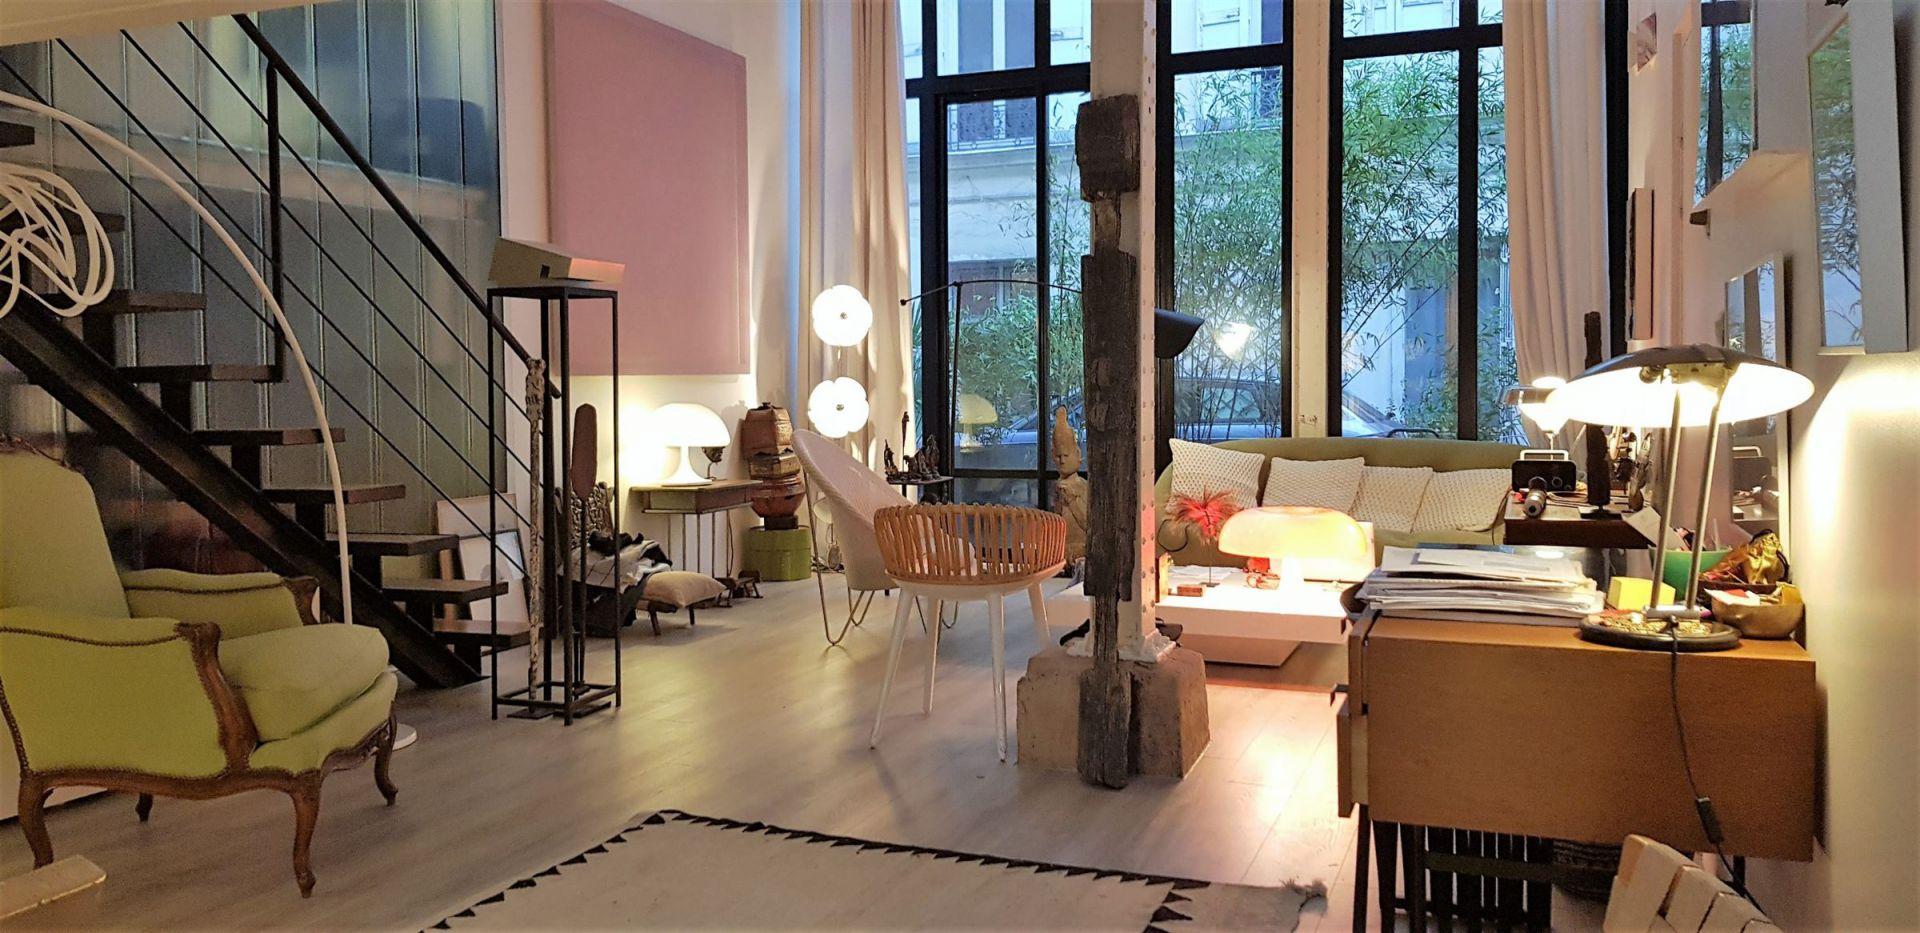 Appart hôtel Paris : vous désirez partir en famille ?